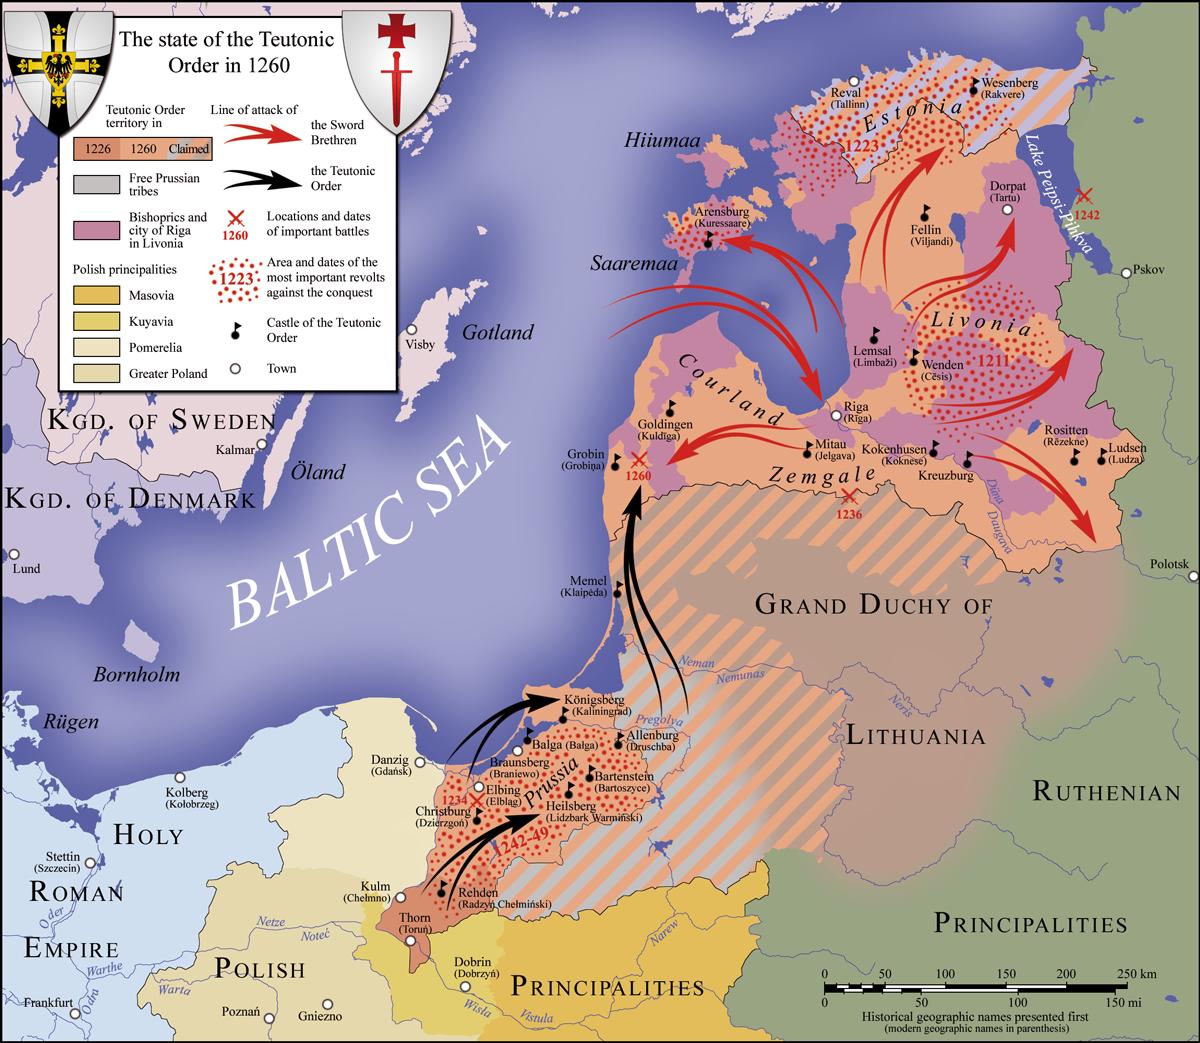 Lo stato dell'Ordine Teutonico nel 1260